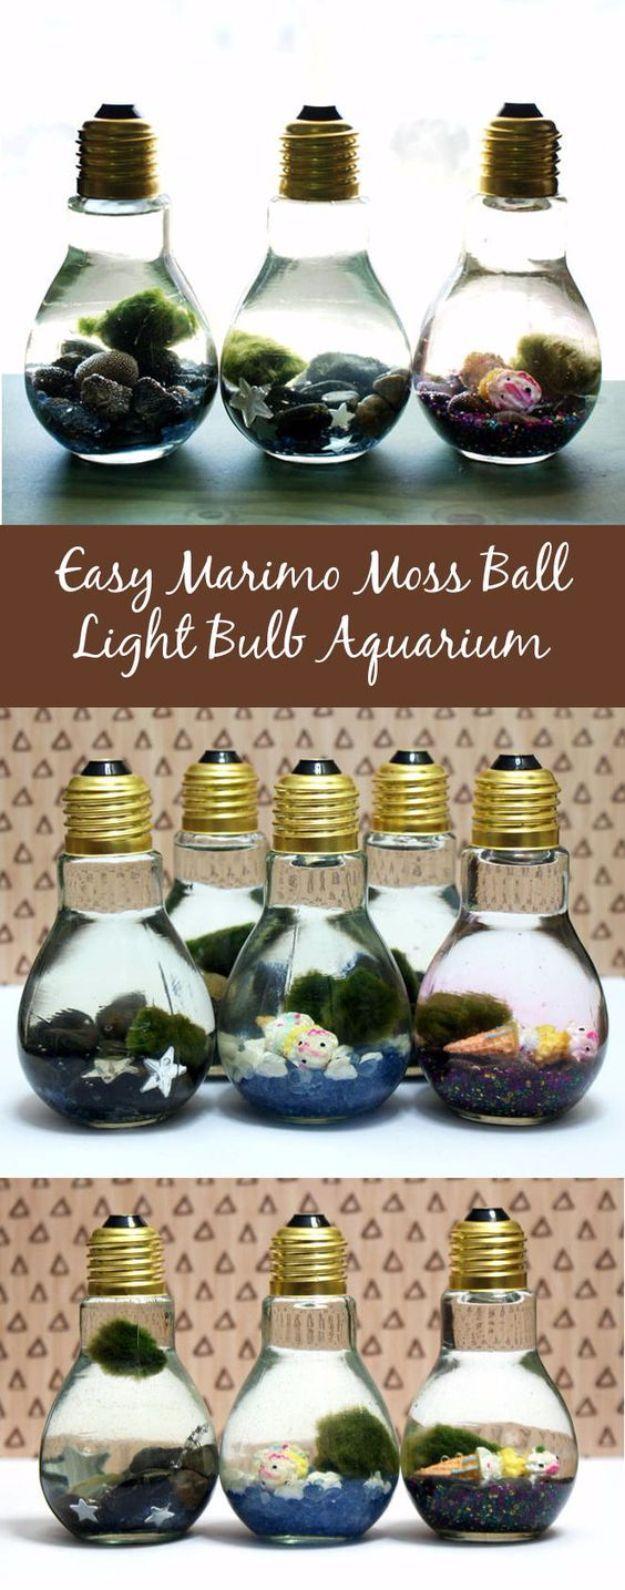 41 einfachste DIY-Projekte überhaupt – einfach Marimo Moss Ball DIY Glühbirne Aquarium – E